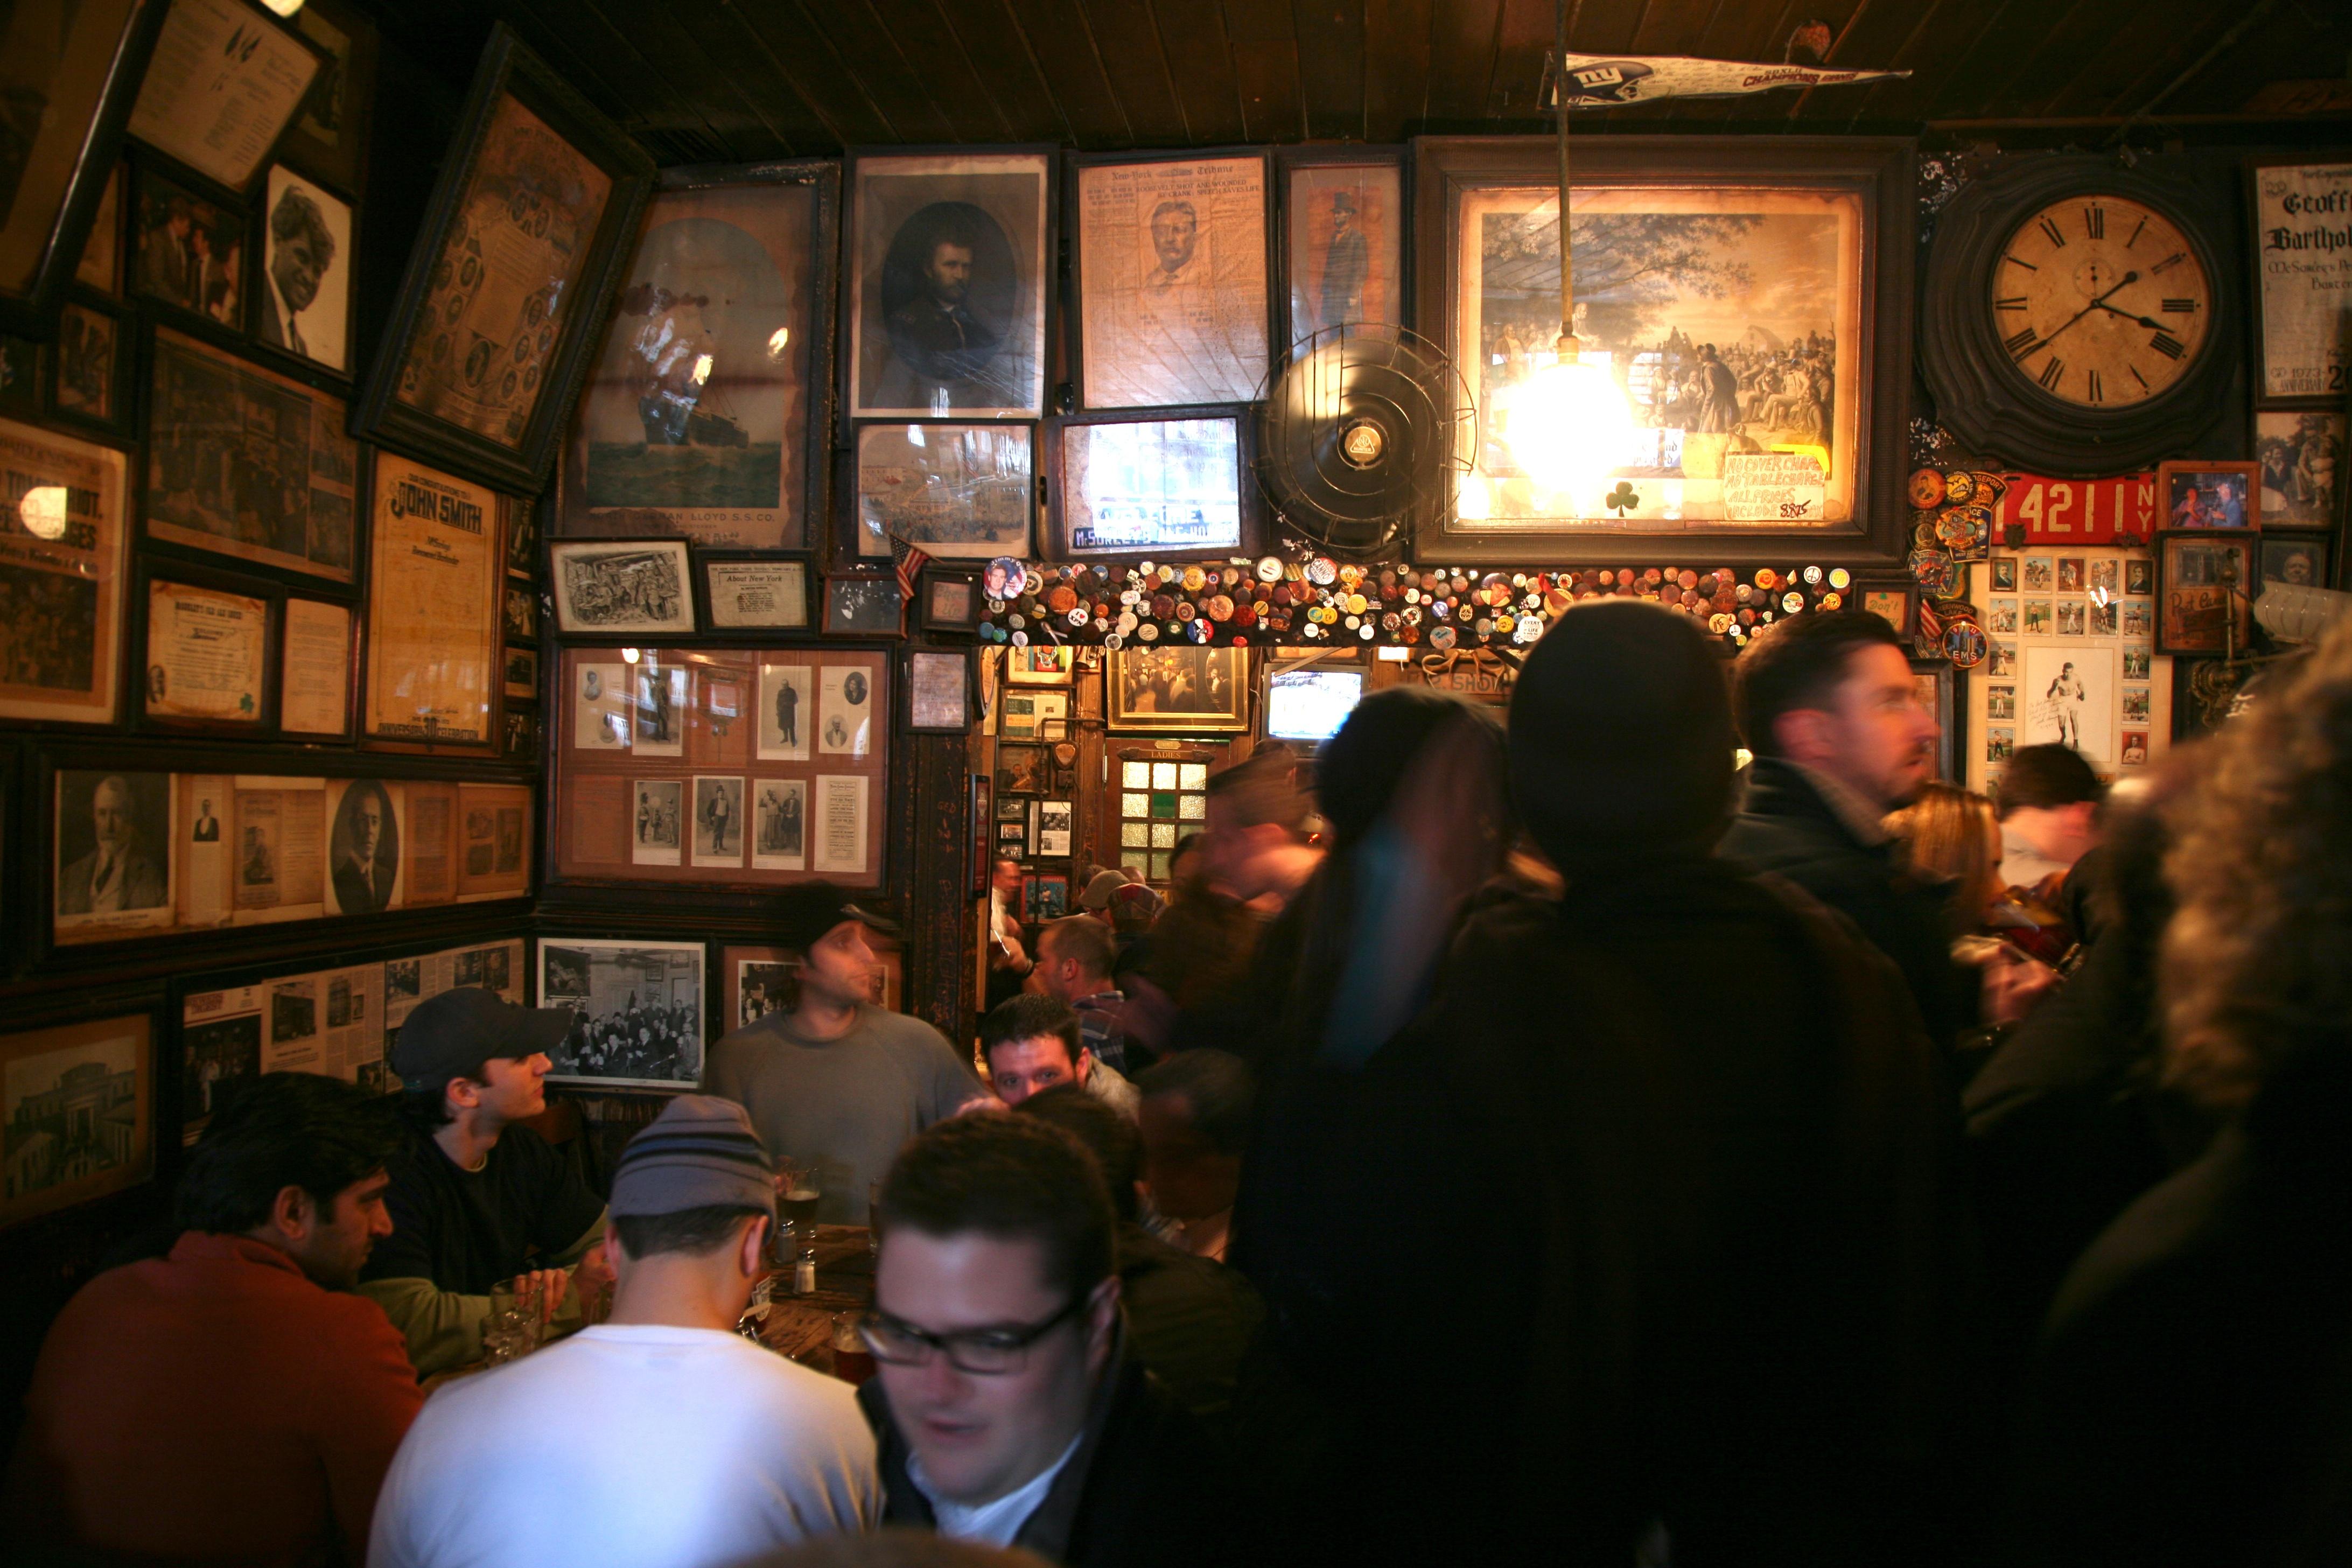 Kostenlose foto : Nacht-, Restaurant, Manhattan, Menge, Nyc ...